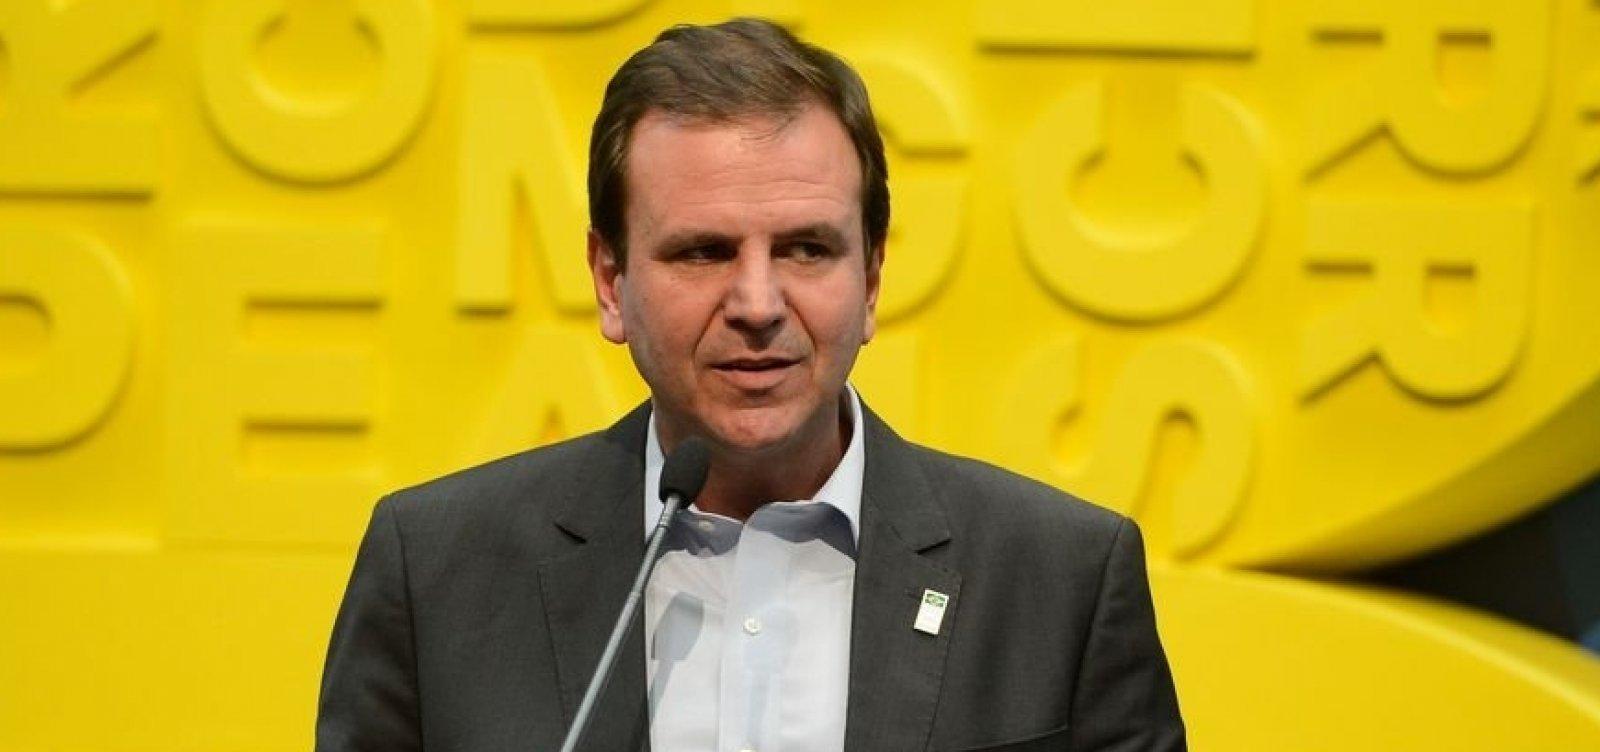 Após liberação de público nos estádios, prefeito do Rio volta atrás na decisão